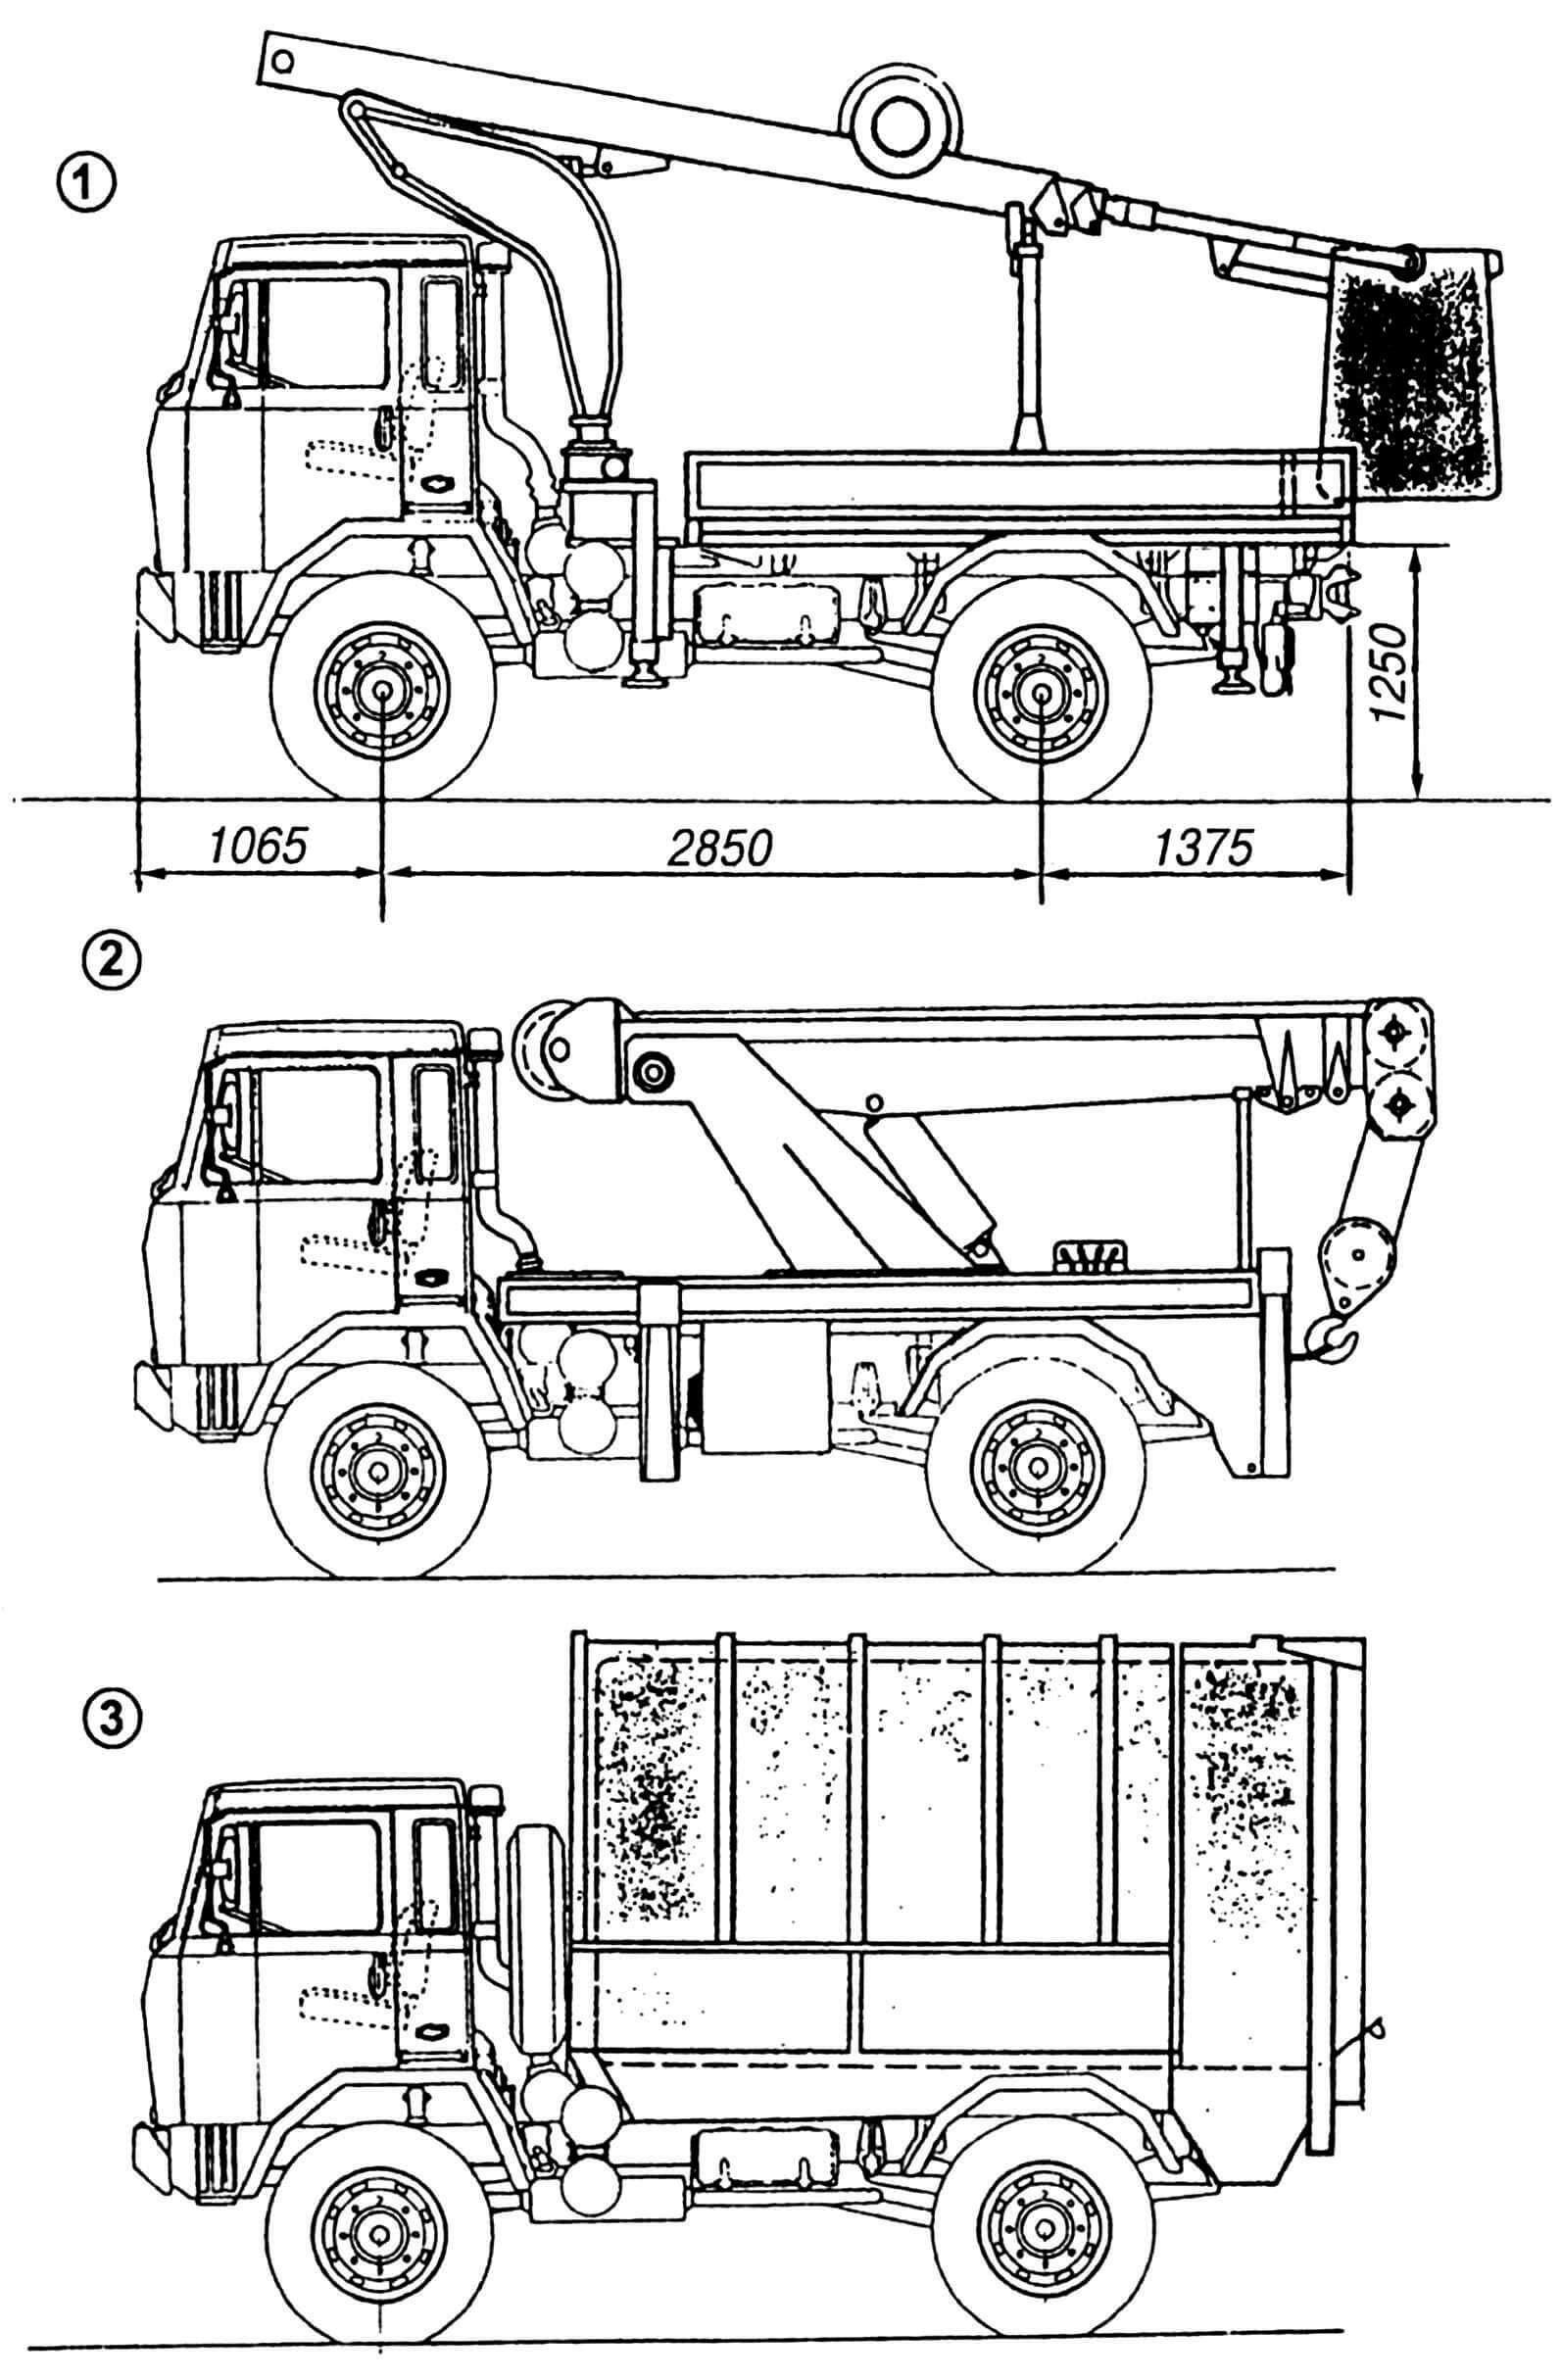 Модификации автомобиля на базе шасси IVECO-FIAT 90 PC: 1 — «скай-лифт»; 2 — кран подъемный; 3 — мусоровоз.